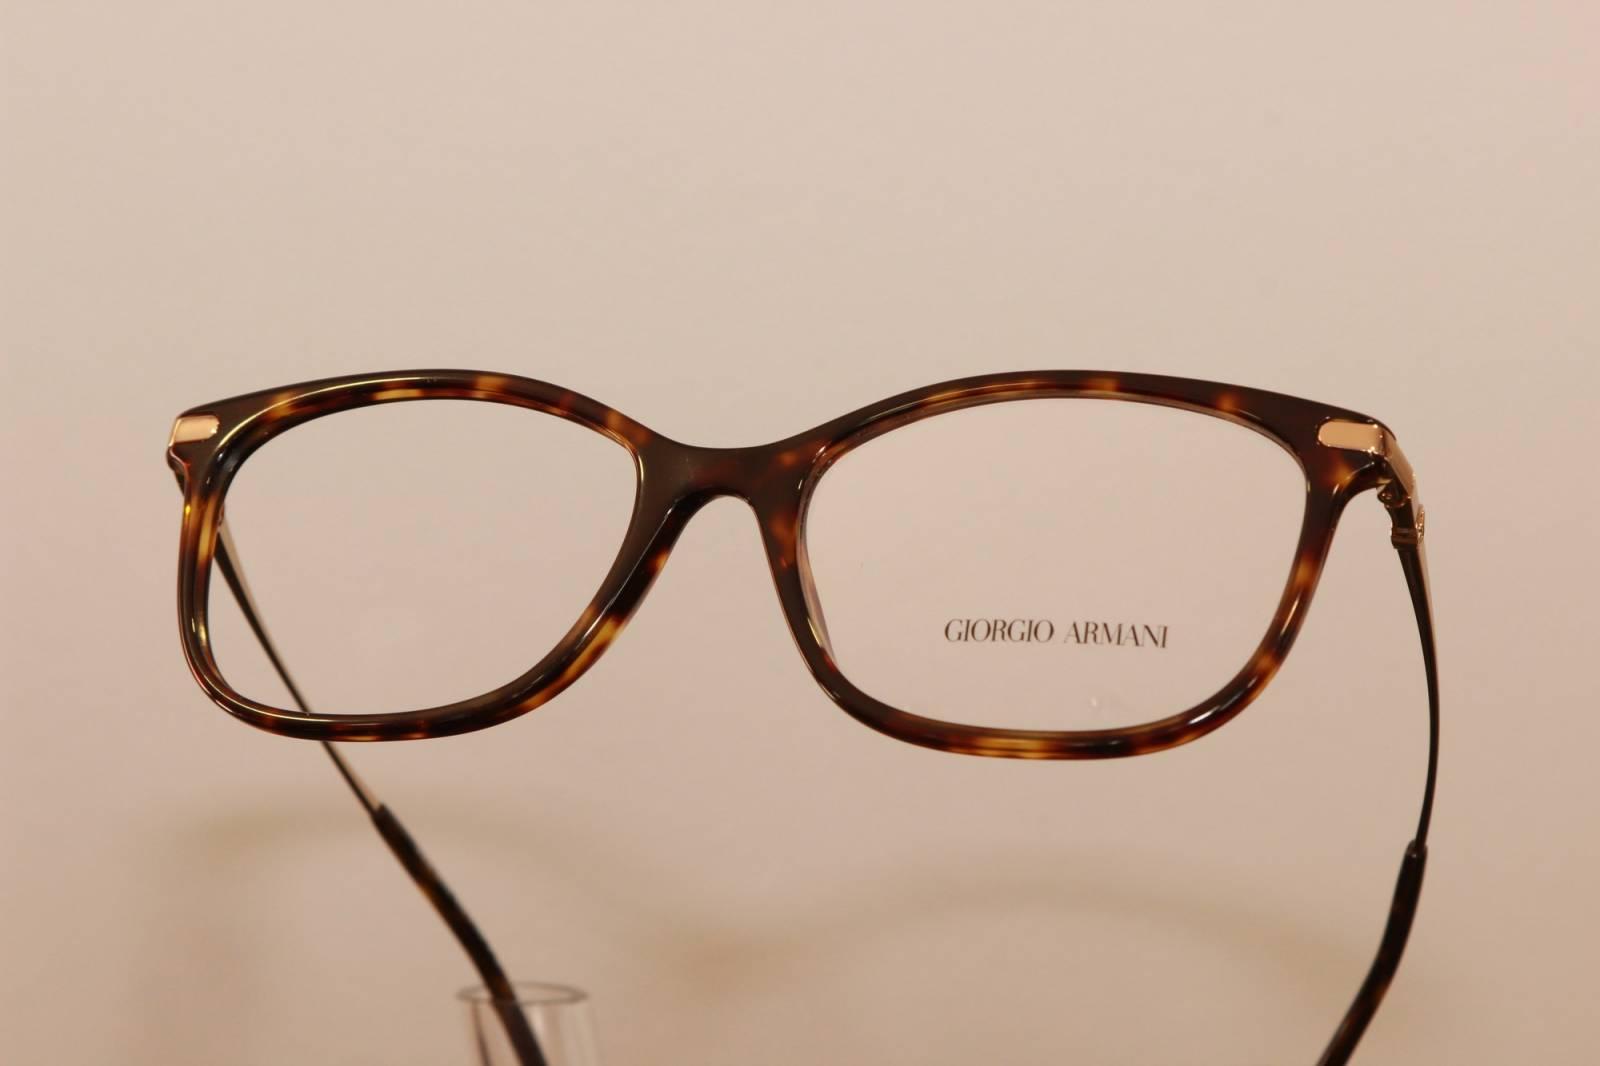 e84d0c8cb2aad Où acheter des lunettes de vue